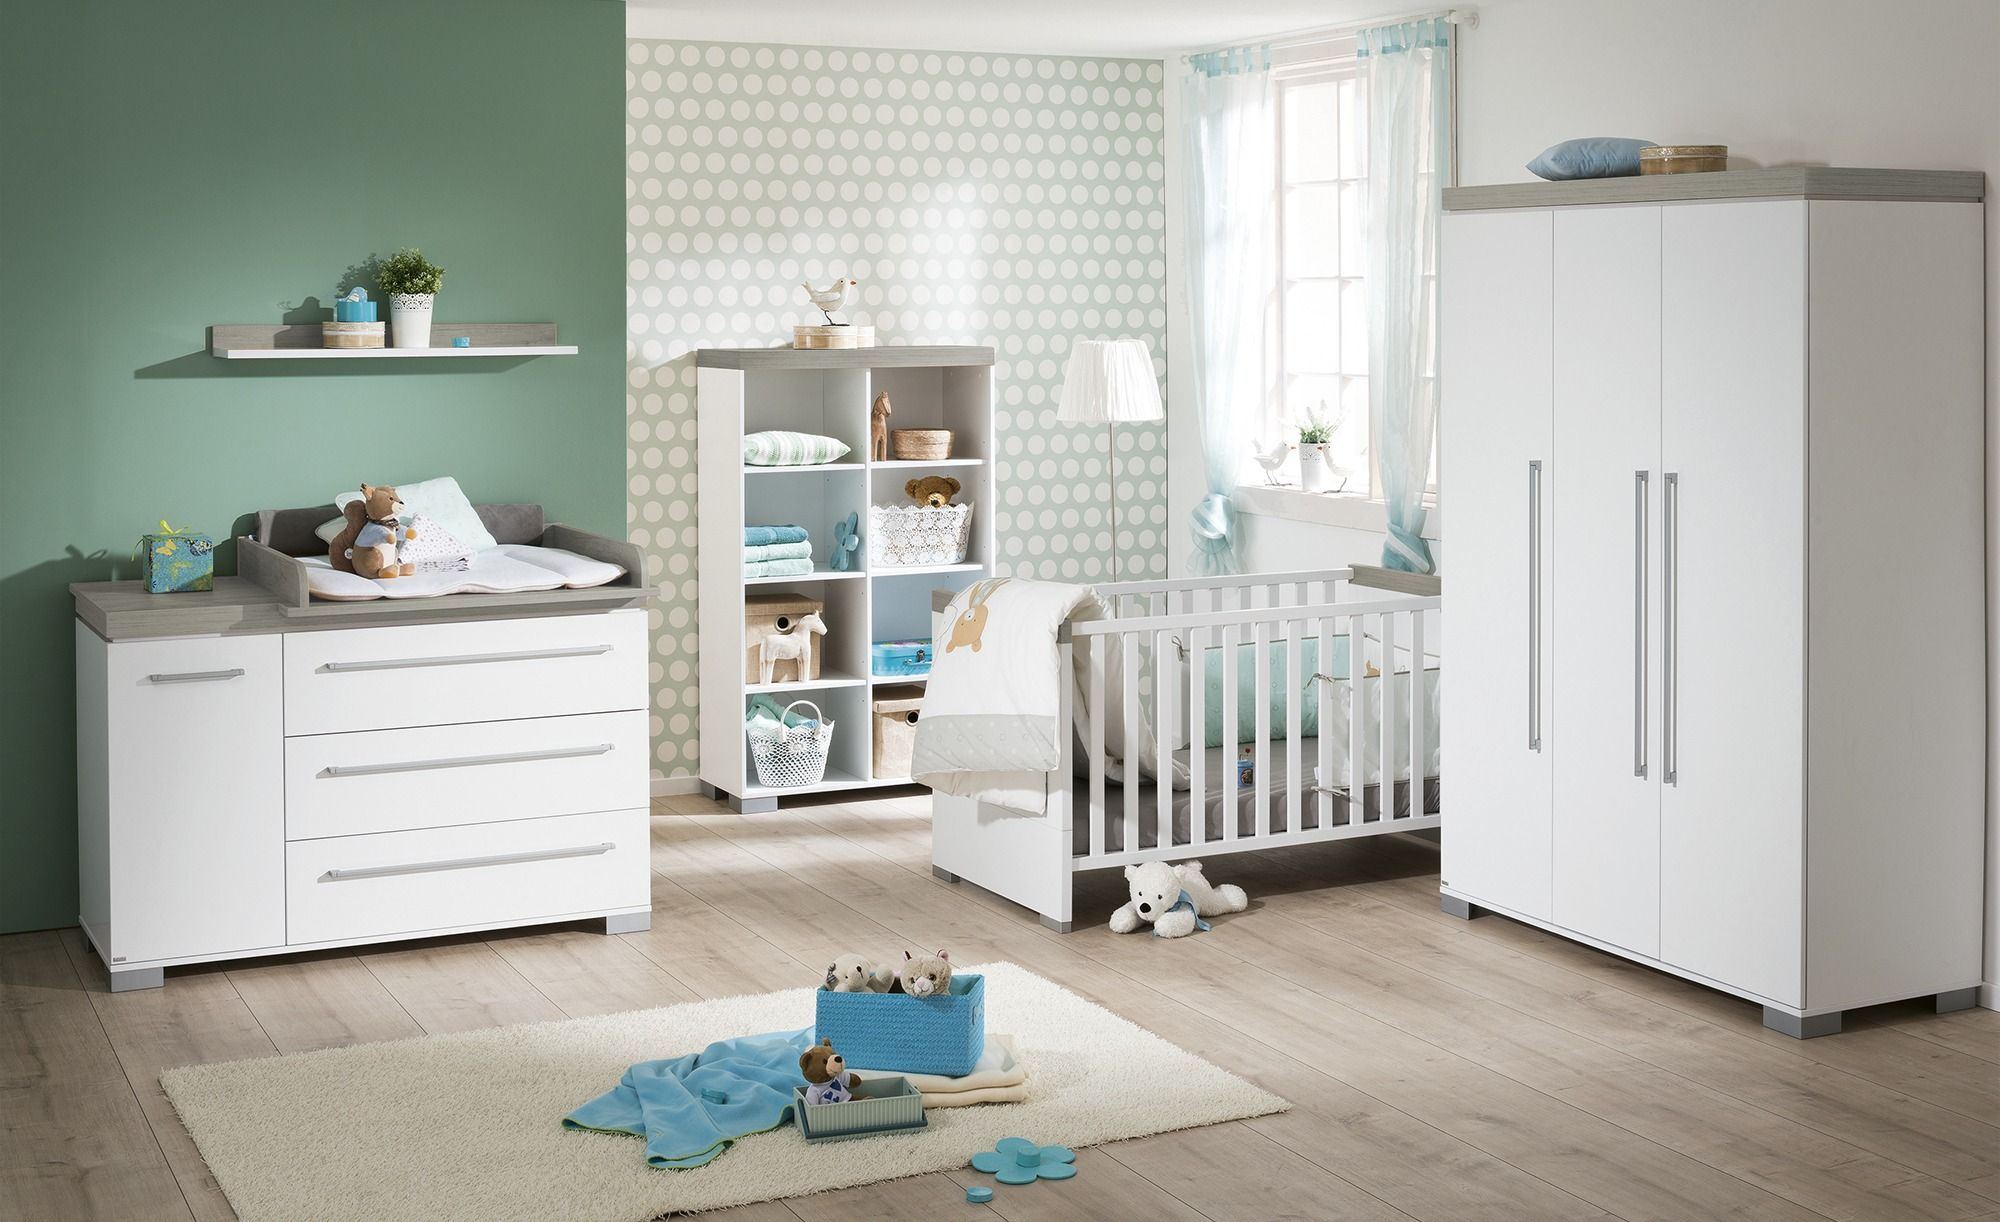 Paidi Kleiderschrank Kira In 2020 Babyzimmer Mobel Kinderzimmer Mobel Und Babyzimmer Deko